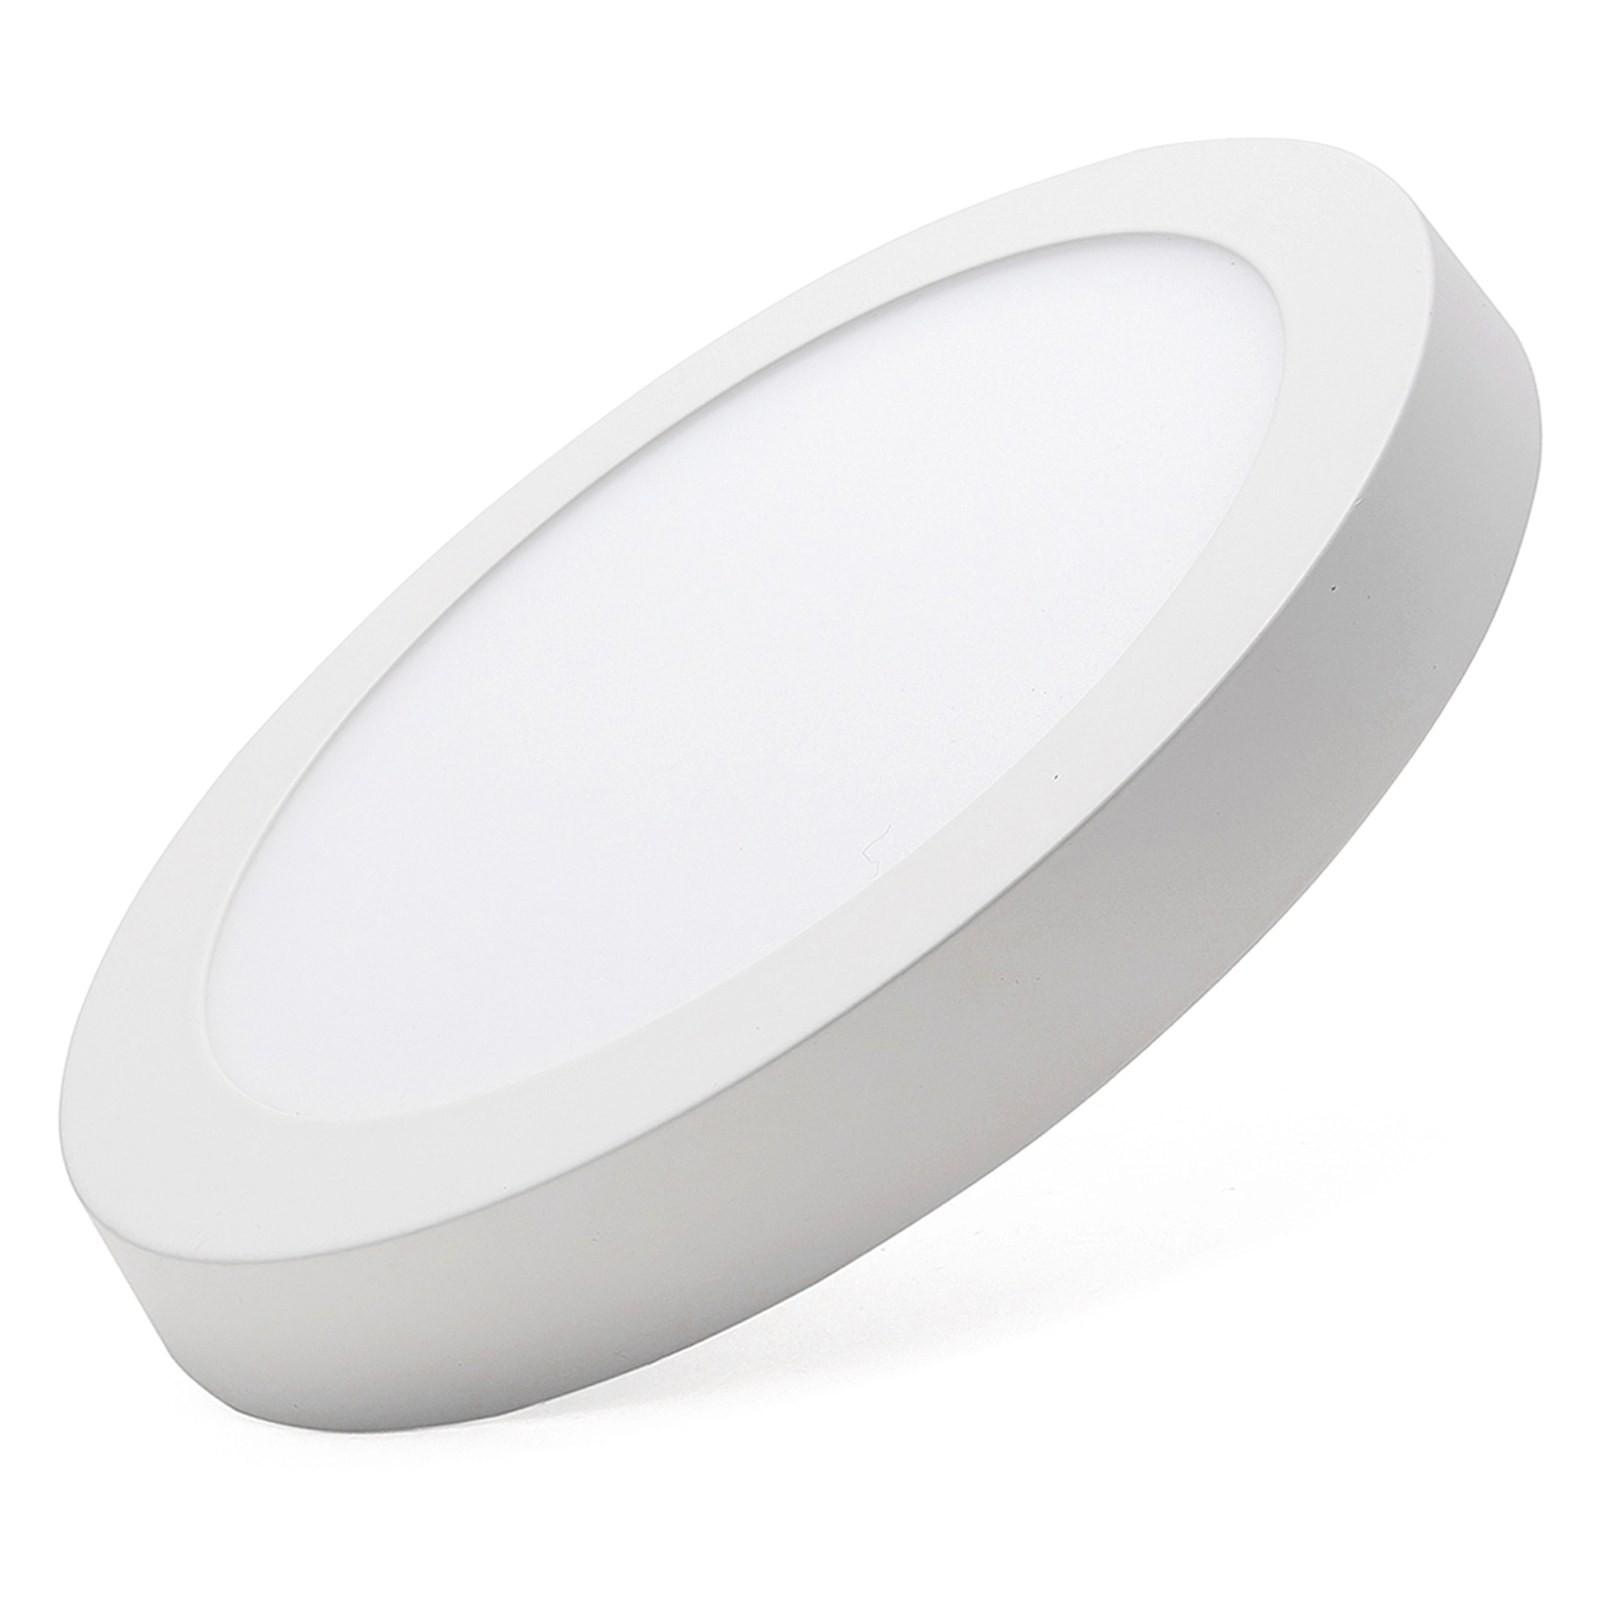 Plafoniera faretto pannello led luce bianca natura - Faretti incasso ikea ...